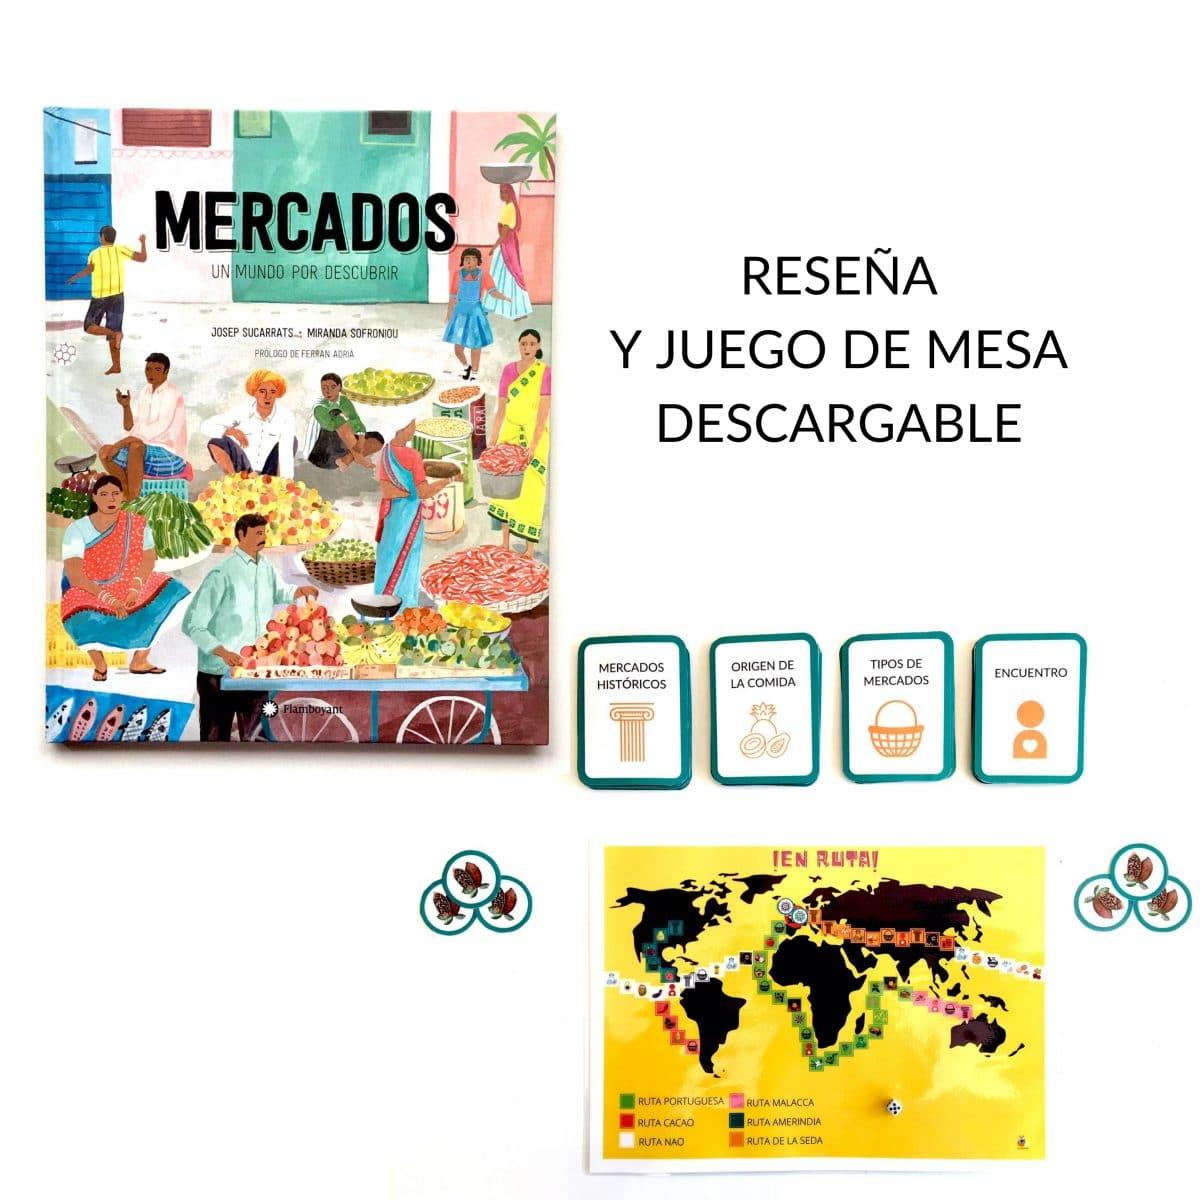 MERCADOS Y JUEGO DE MESA